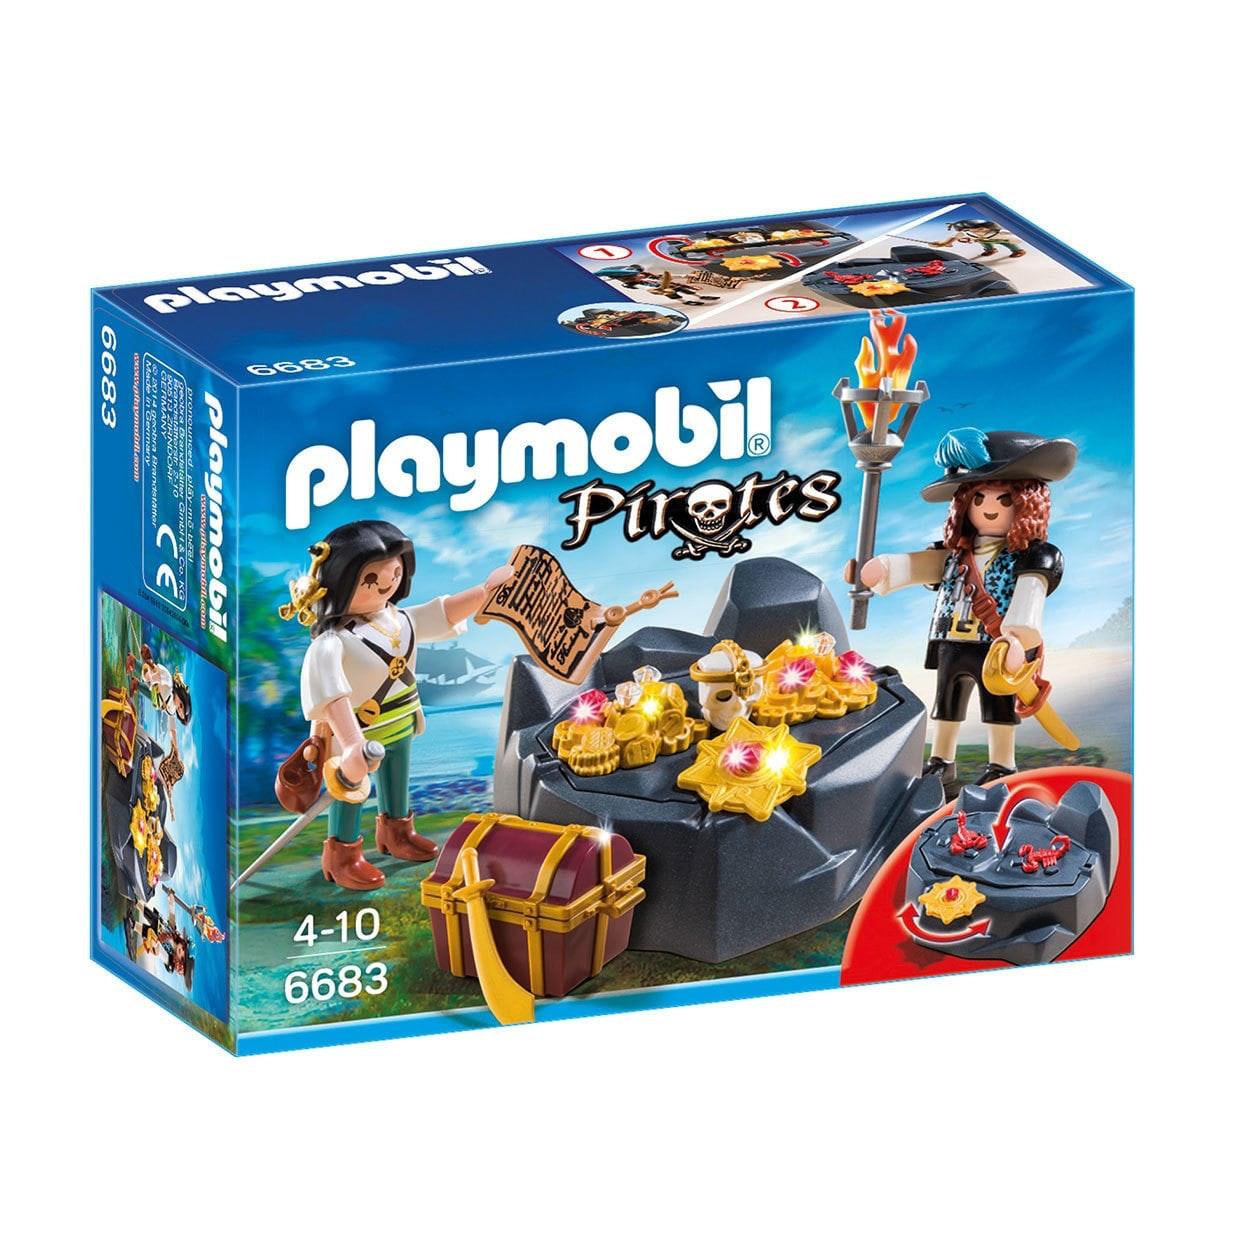 Playmobil Pirates Koninklijke schatkist 6683